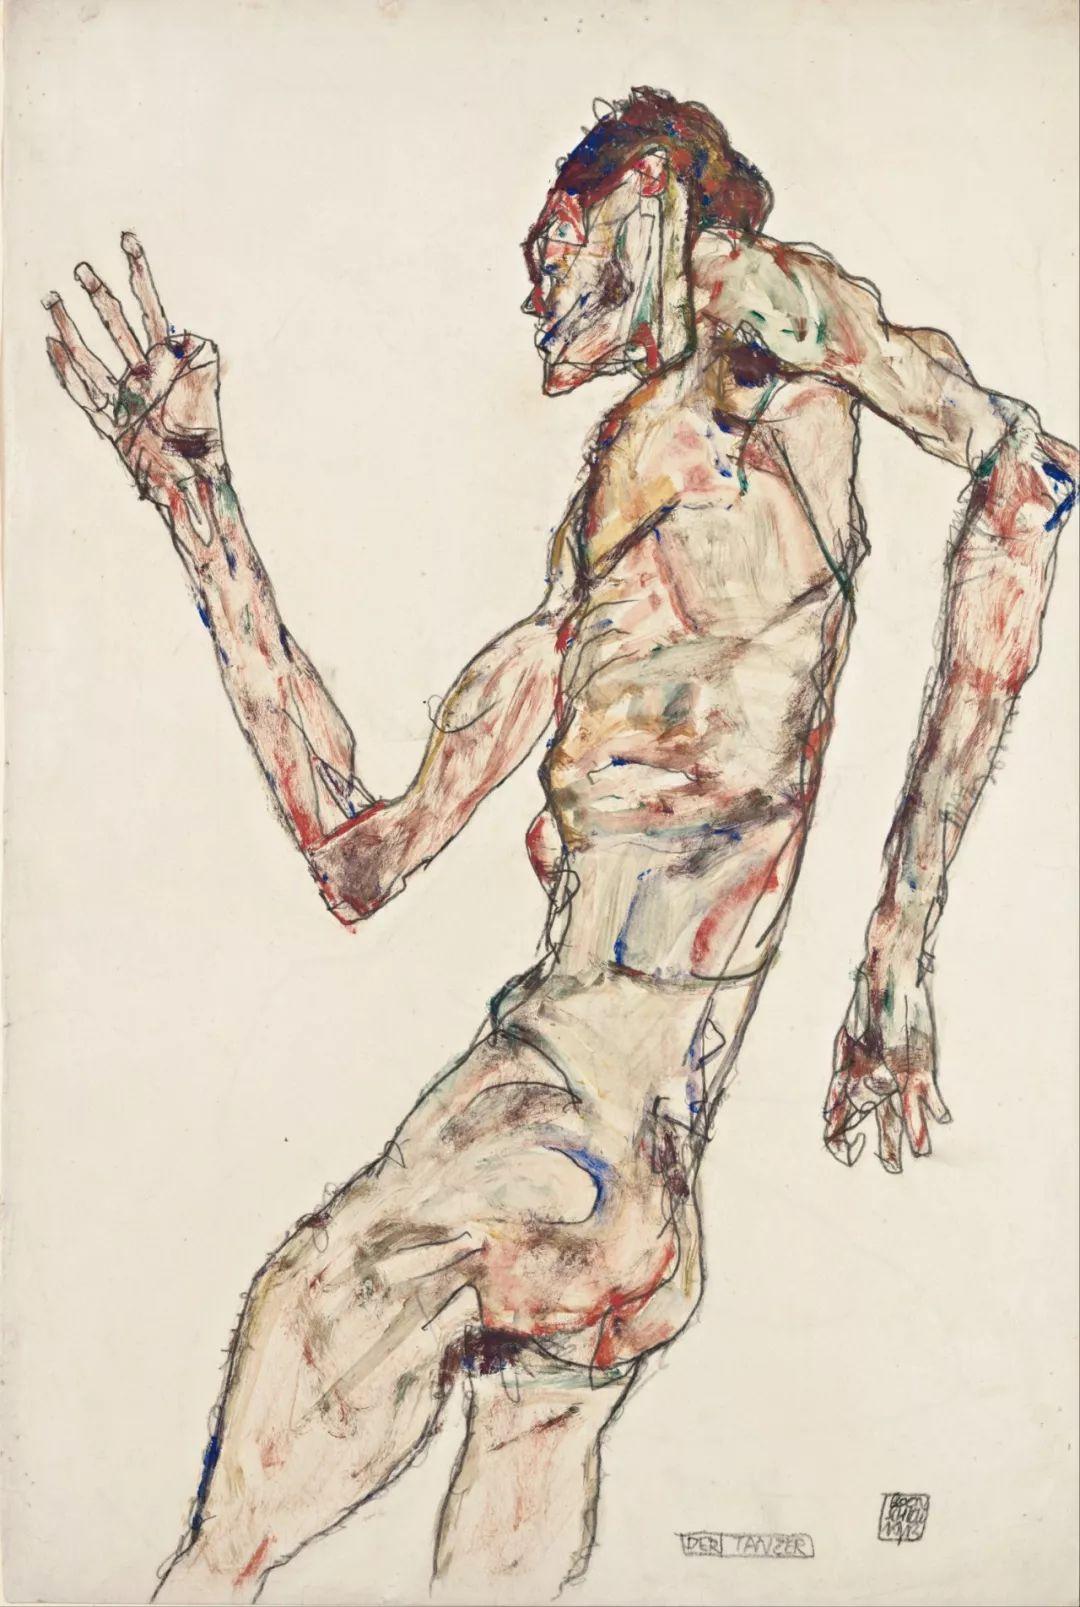 年仅28岁,生前遭受非议,死后却被捧为直逼心灵的艺术家插图93